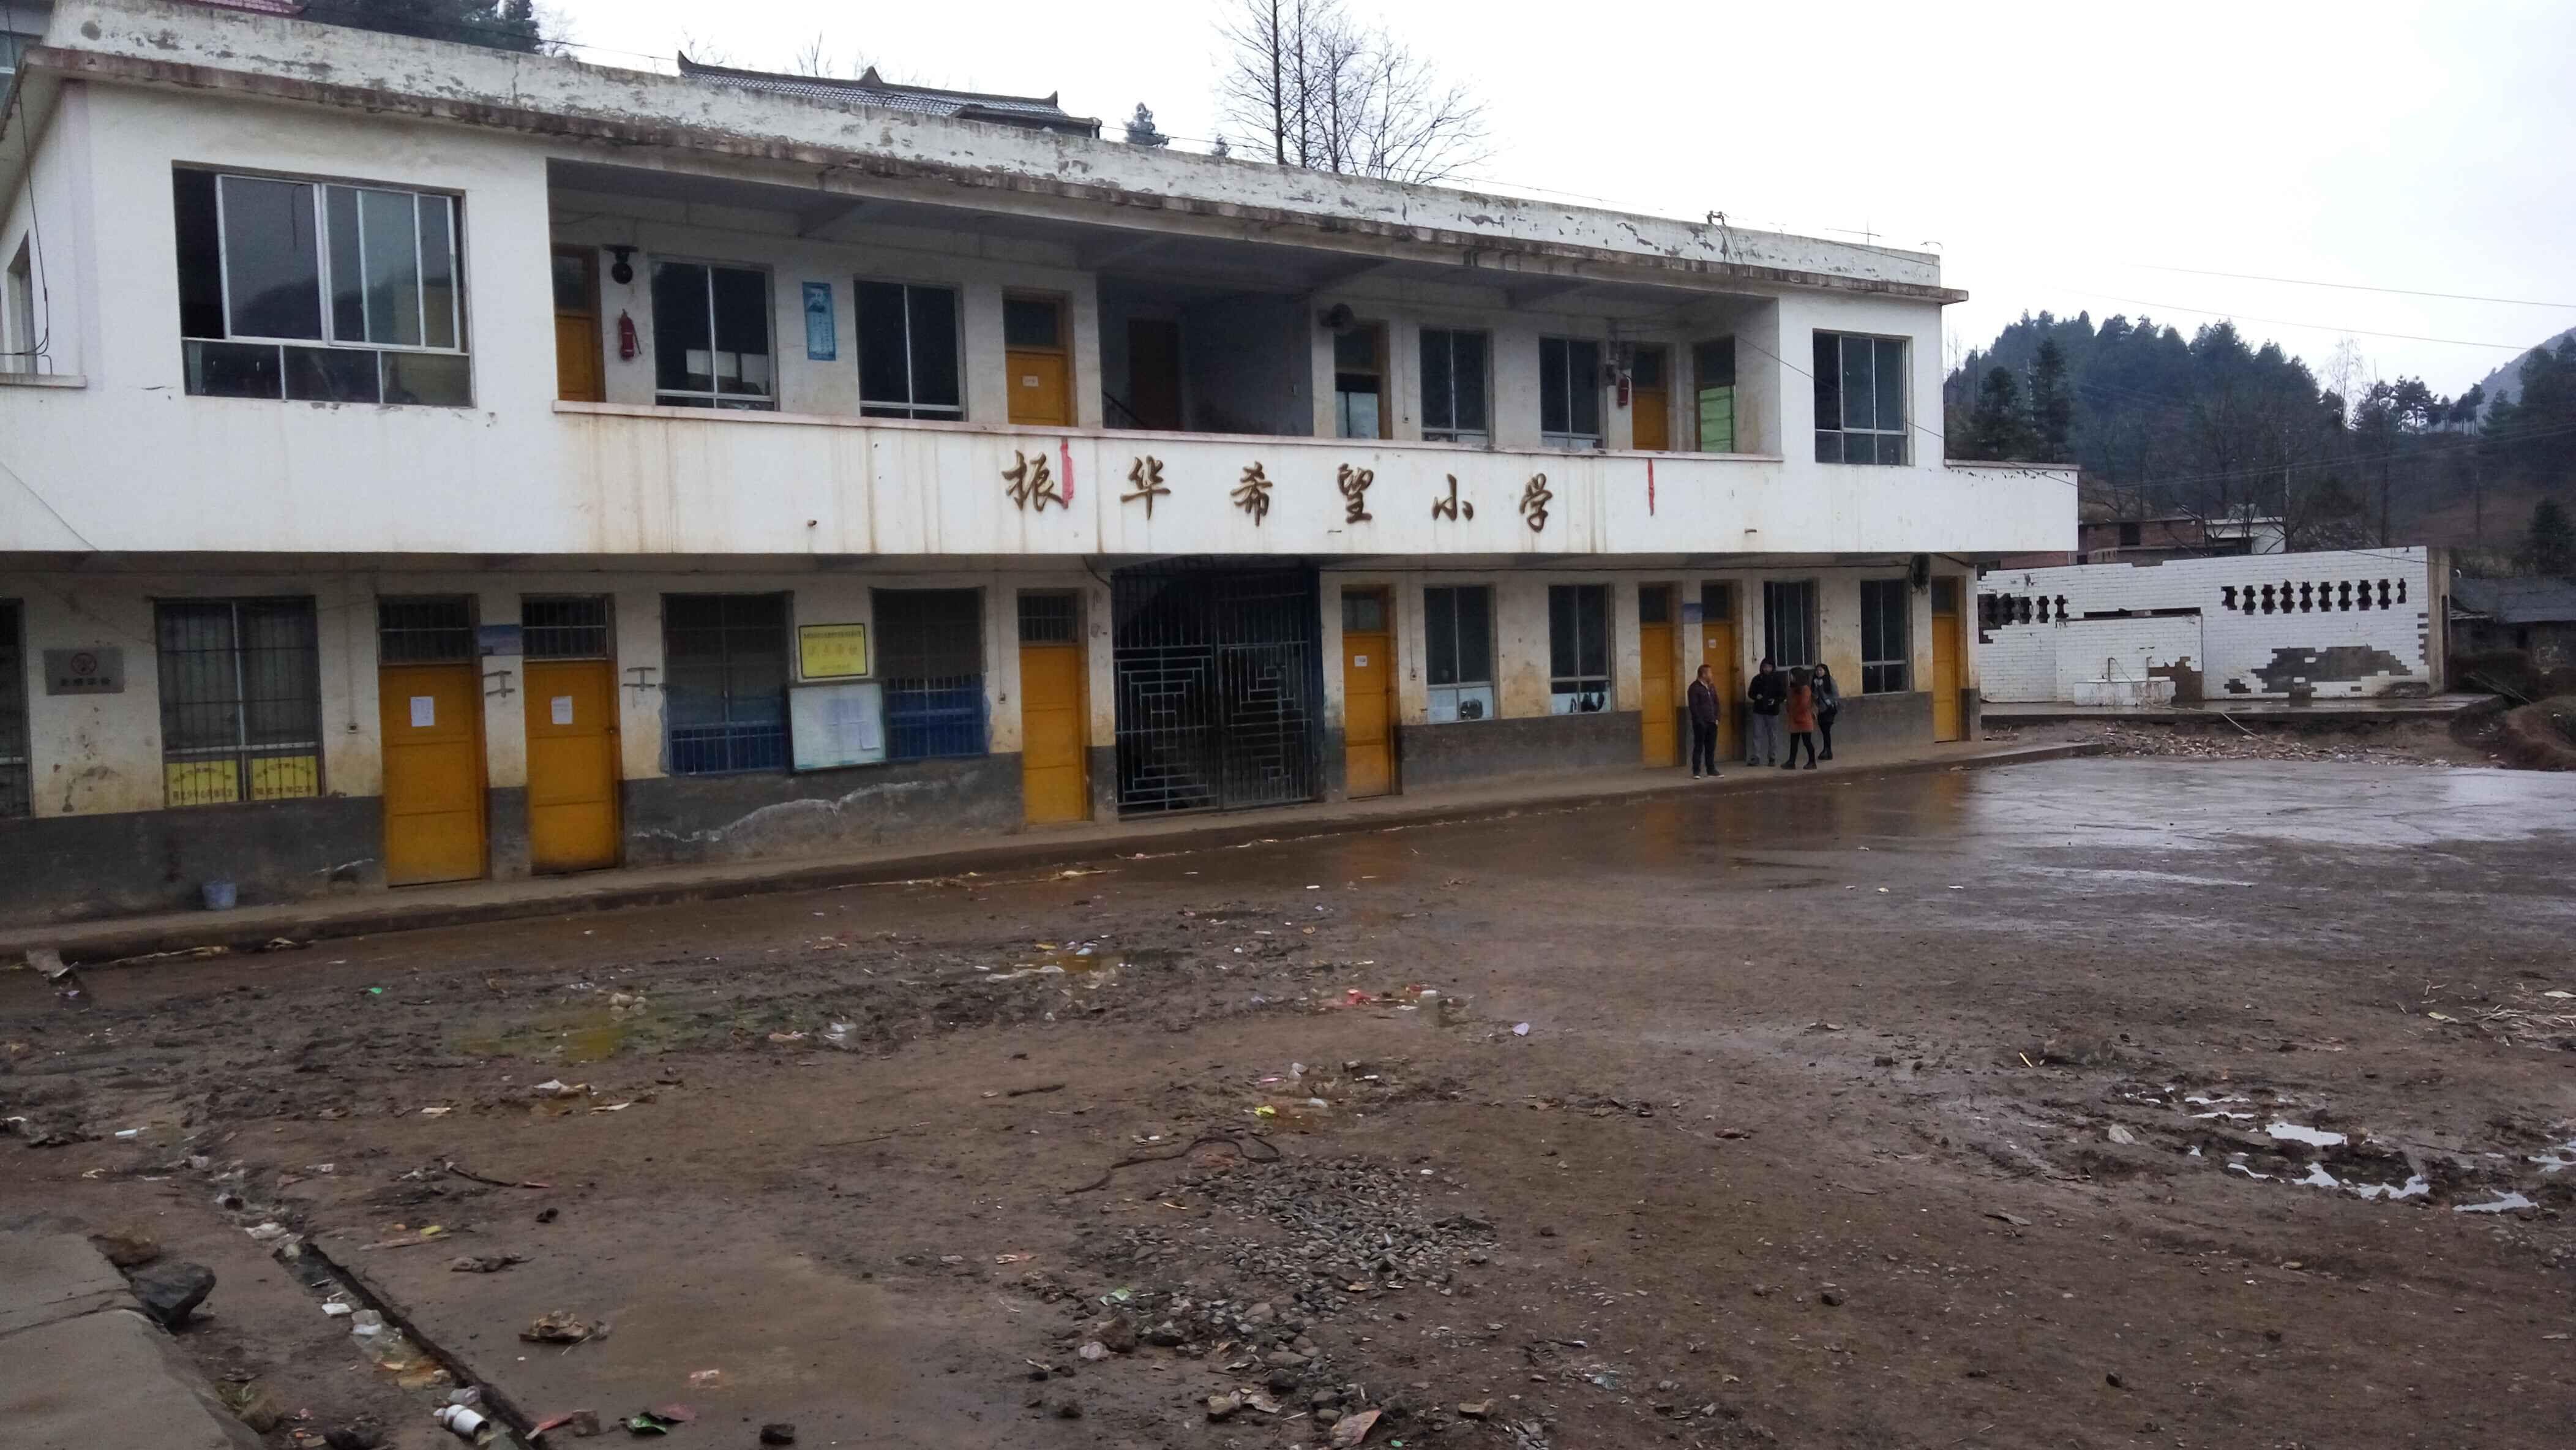 13,扬帆计划志愿者太西公益的杨淞等对贵州省毕节市振华小学进行了